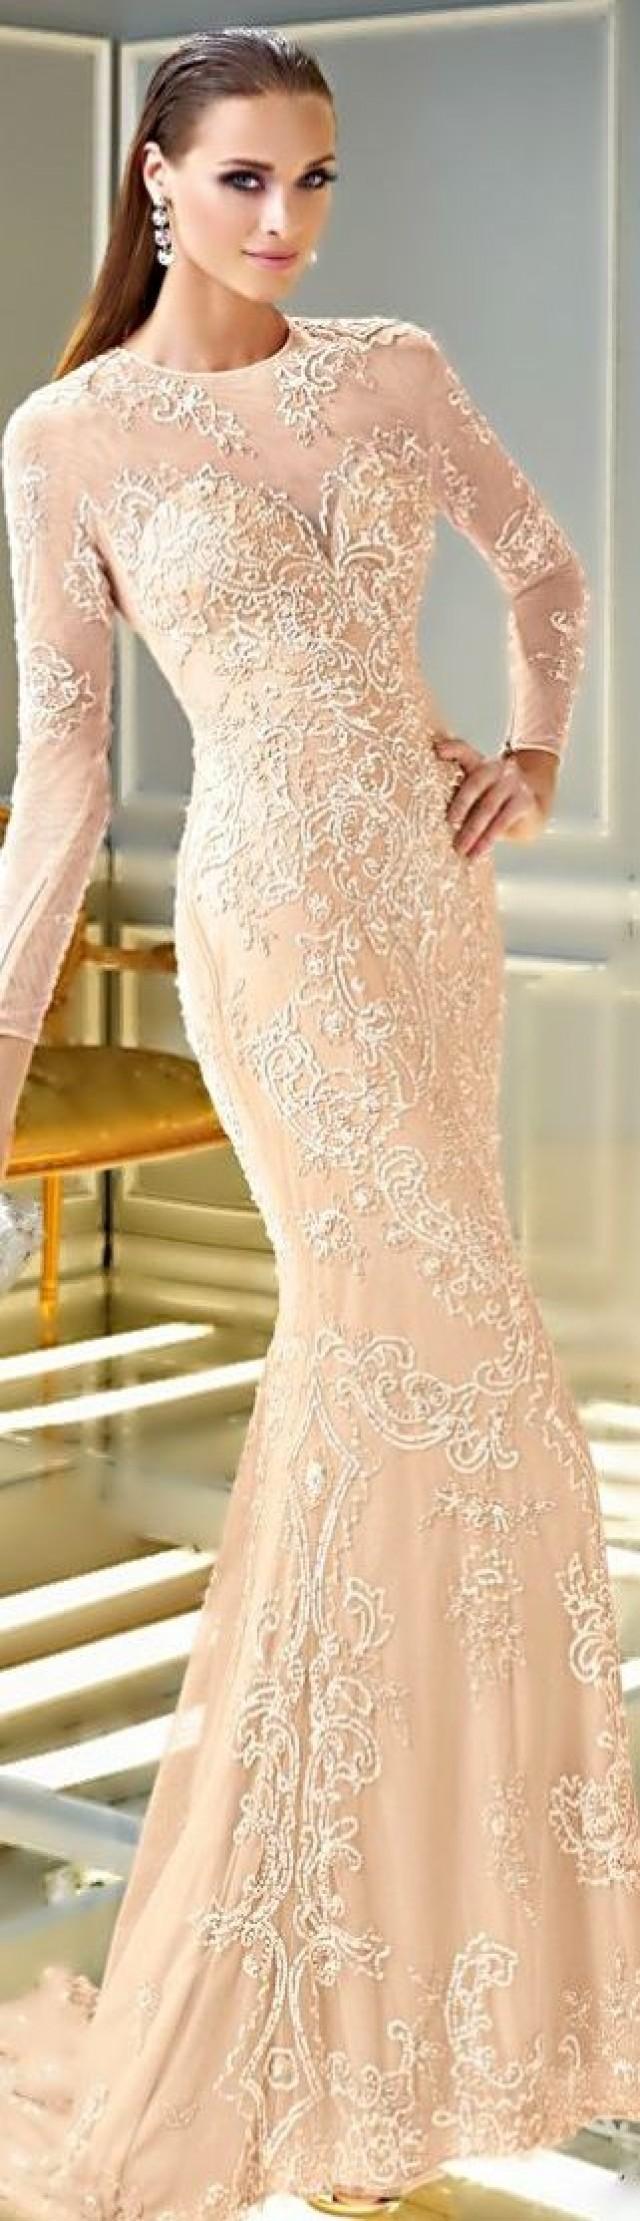 Paris honeymoon alyce paris spring 2014 2042203 weddbook for Wedding dress in paris